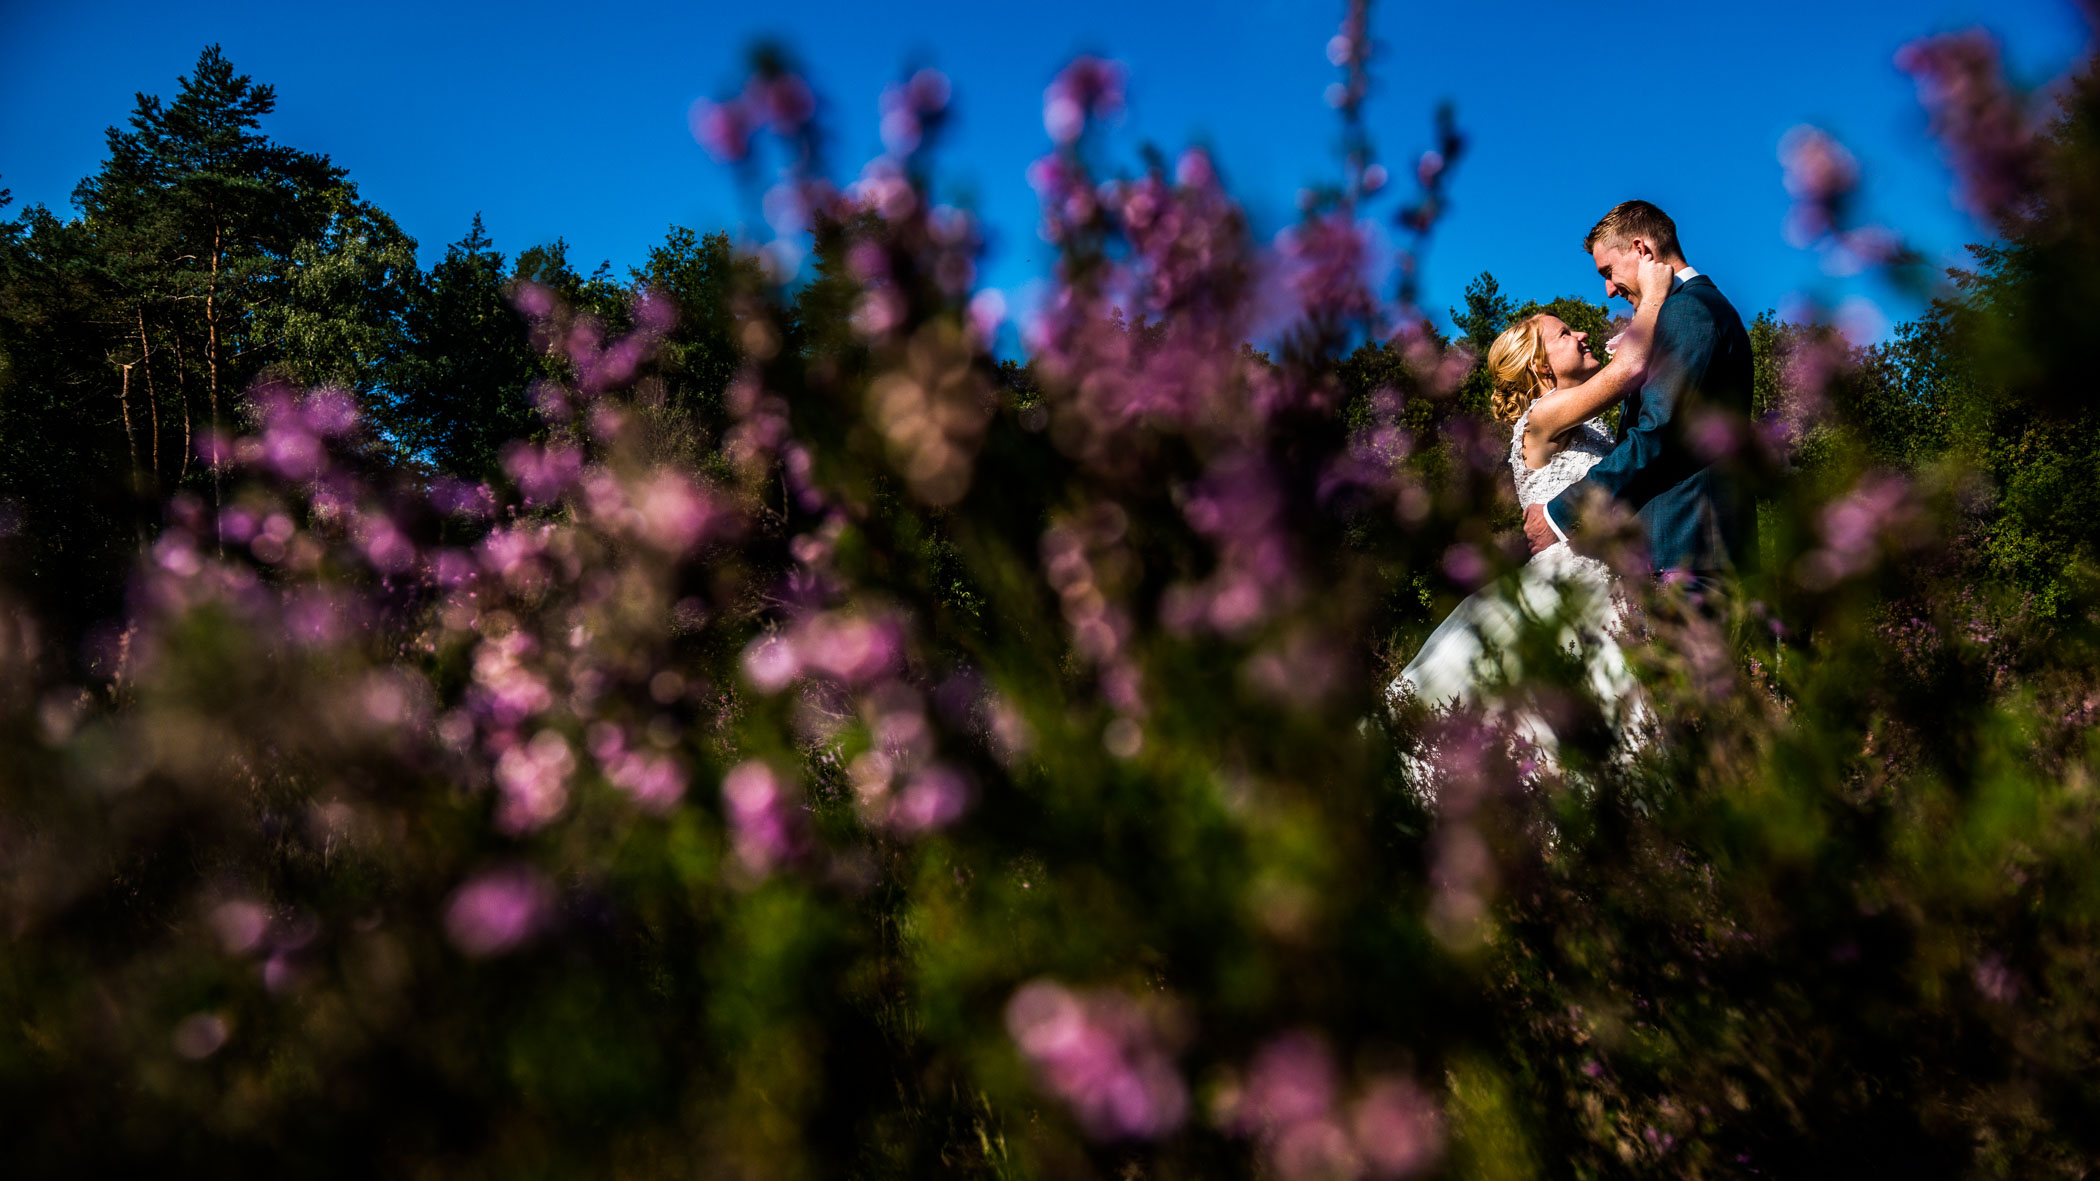 bruidsfotograaf wekeromse zand